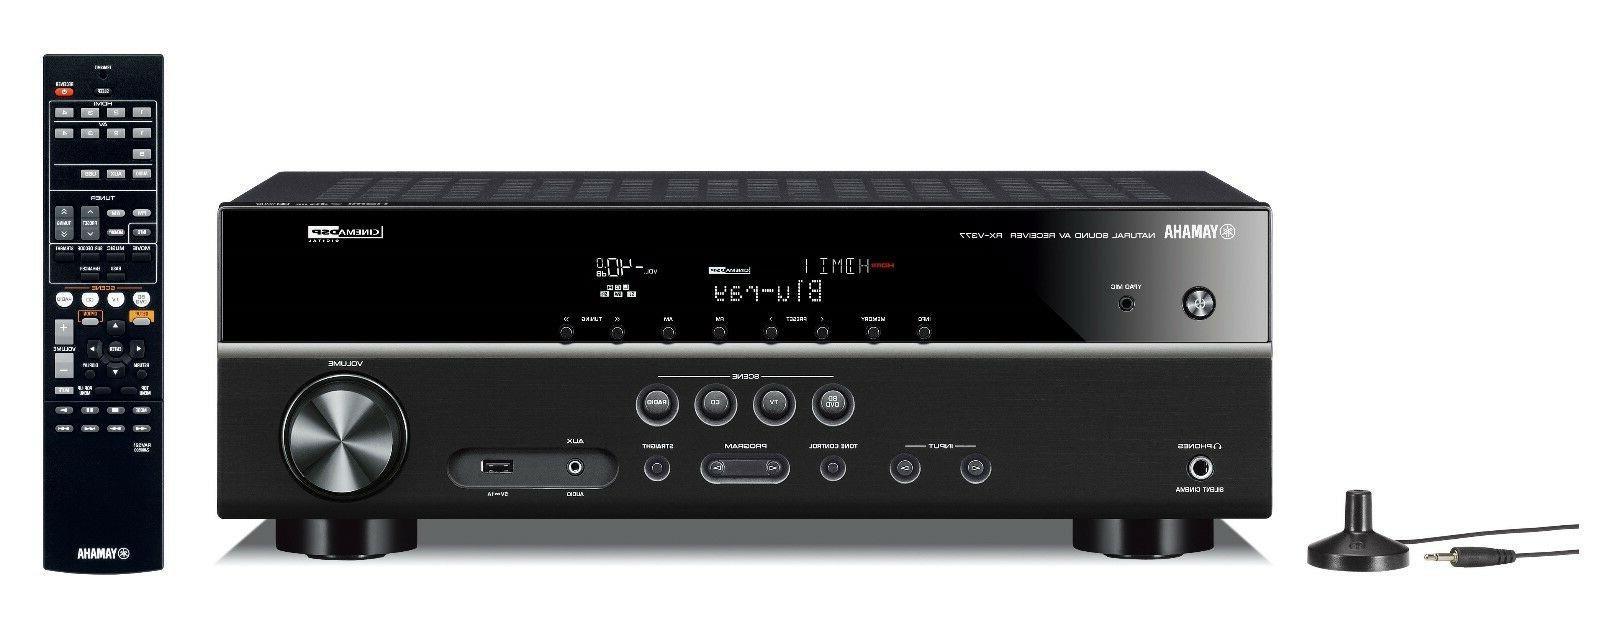 Yamaha RX-V583 Bluetooth WiFi HDR DTS:X